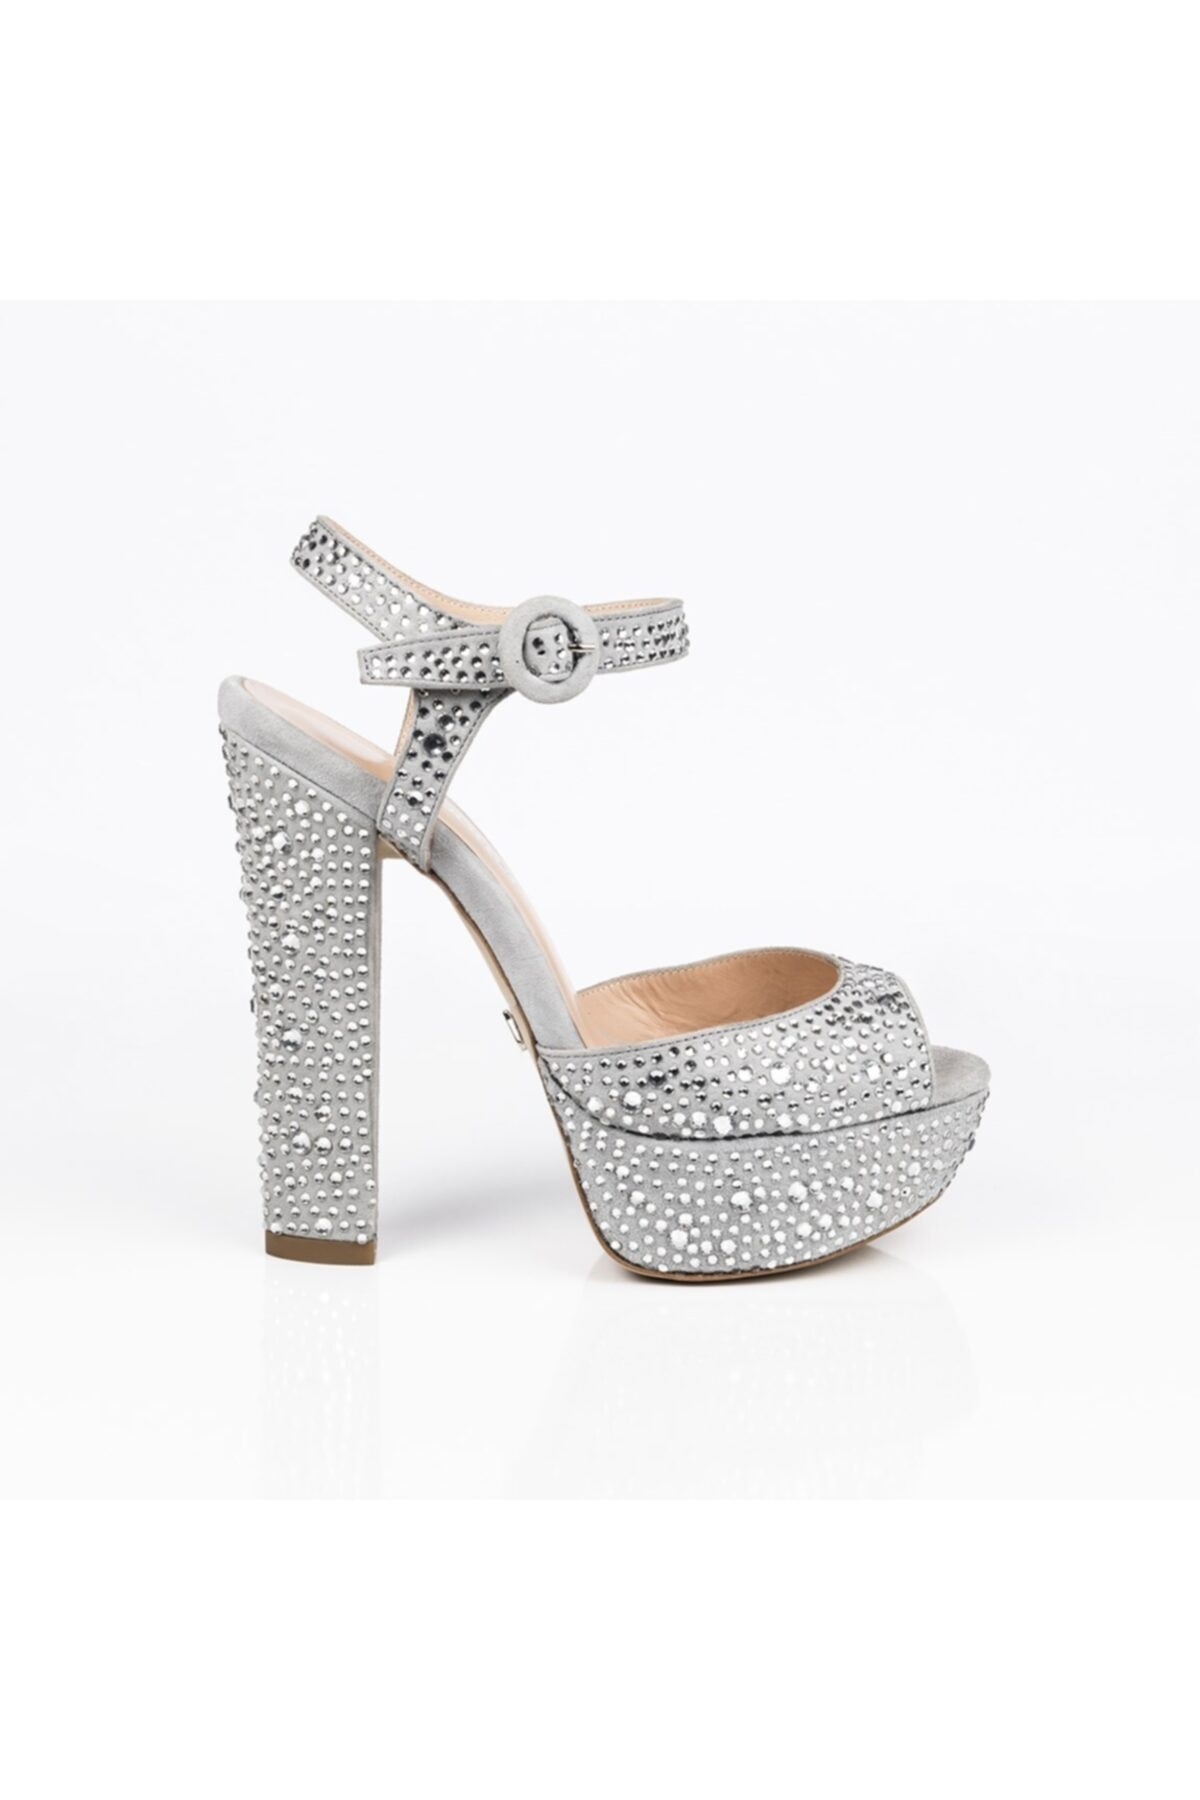 Jabotter Kadın Beyaz Nifty Gri Süet Taşlı Platform Topuklu Ayakkabı